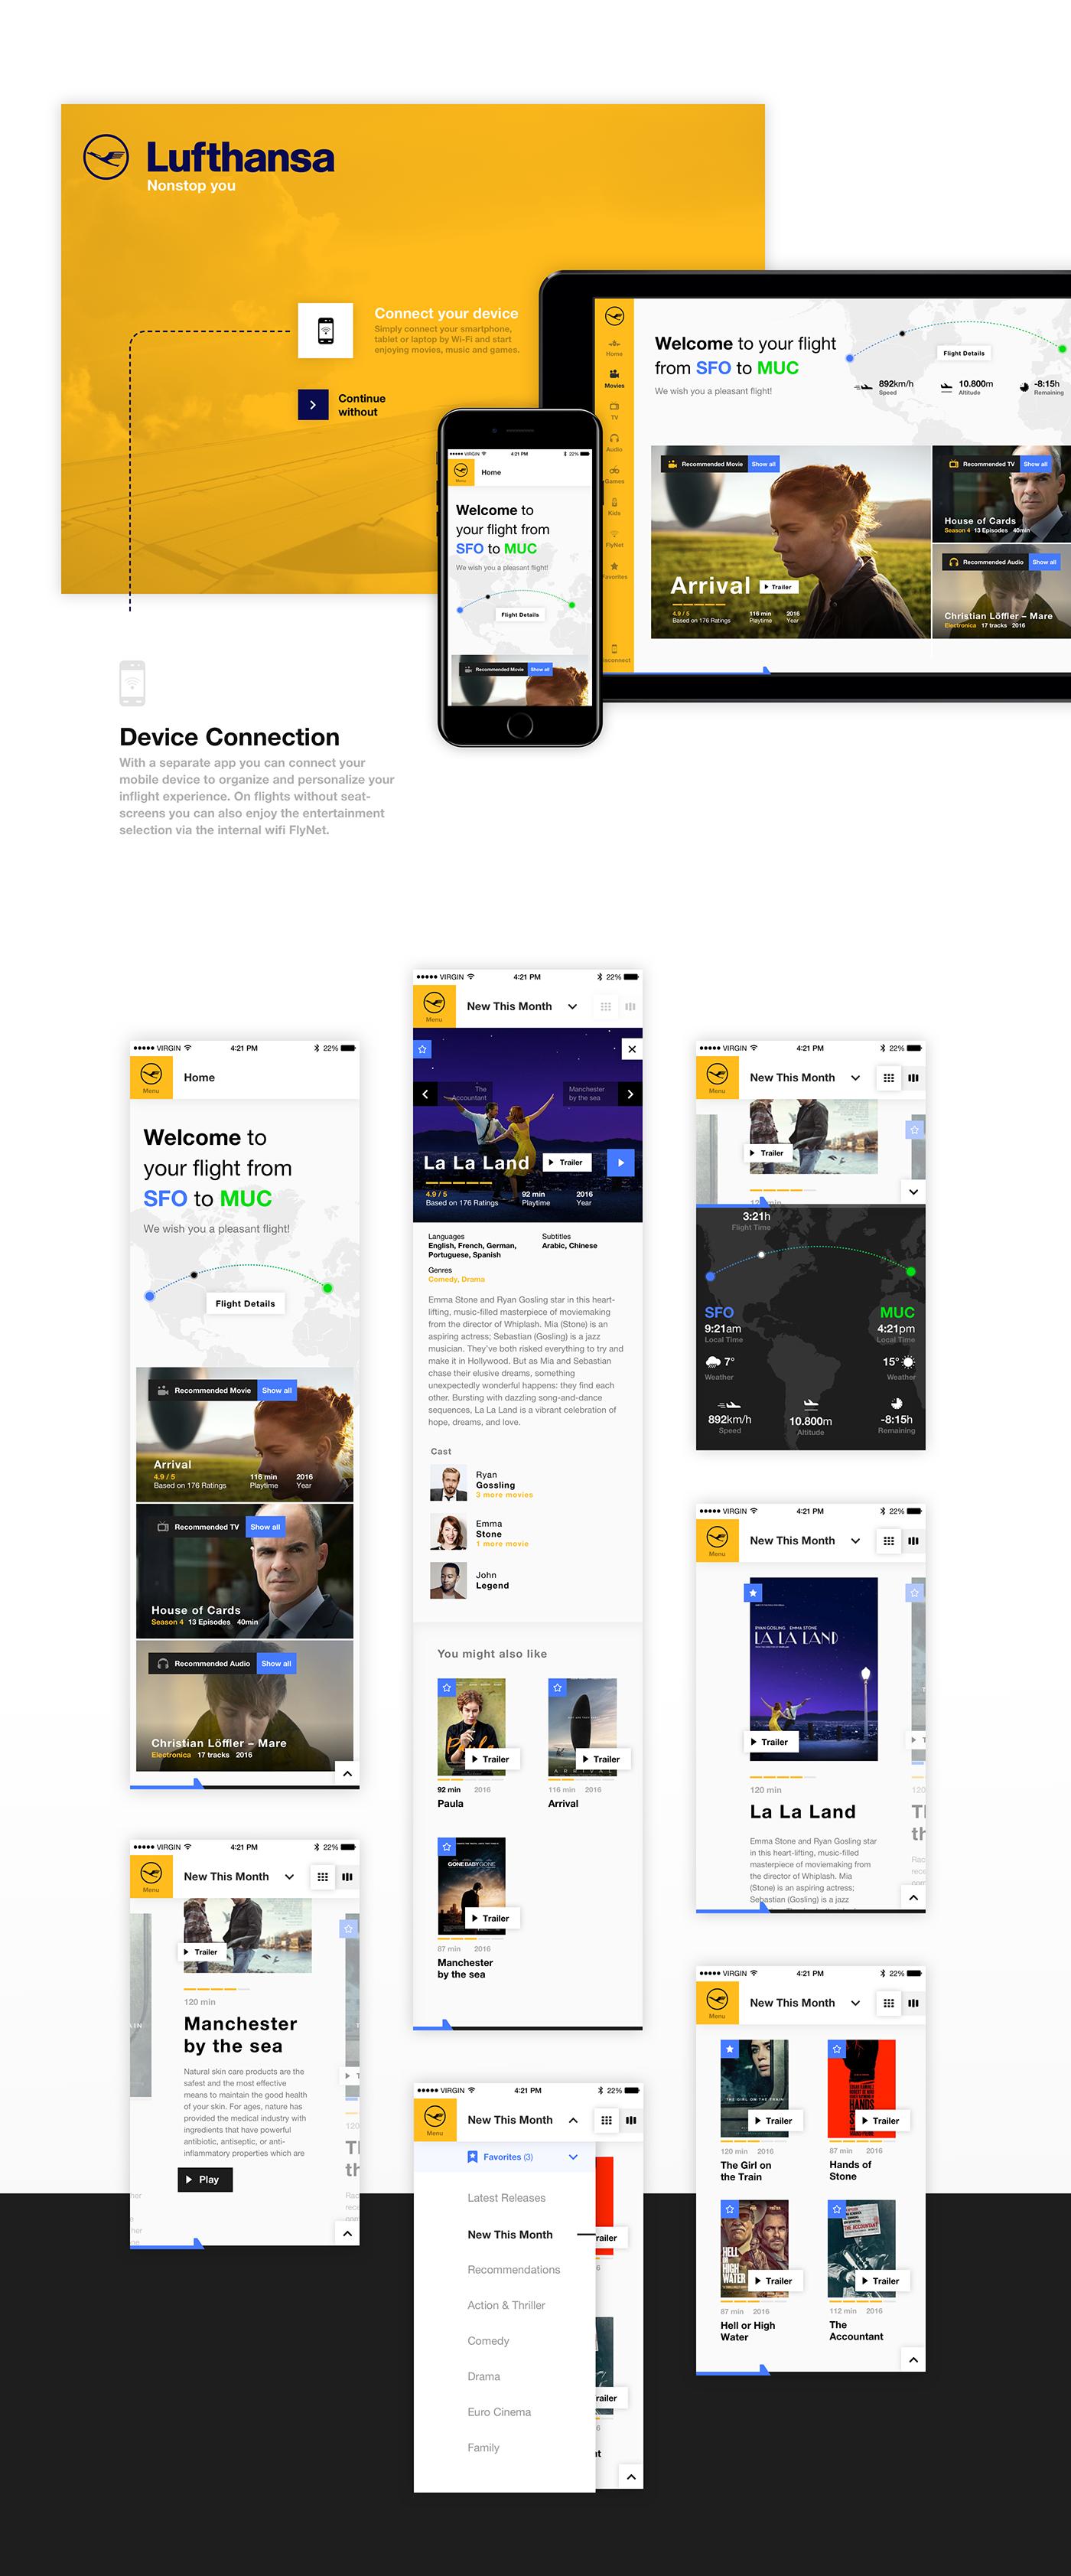 ui design,Interface,UI,ux,GUI,interface design,inflight,Lufthansa,Infotainment,interactive